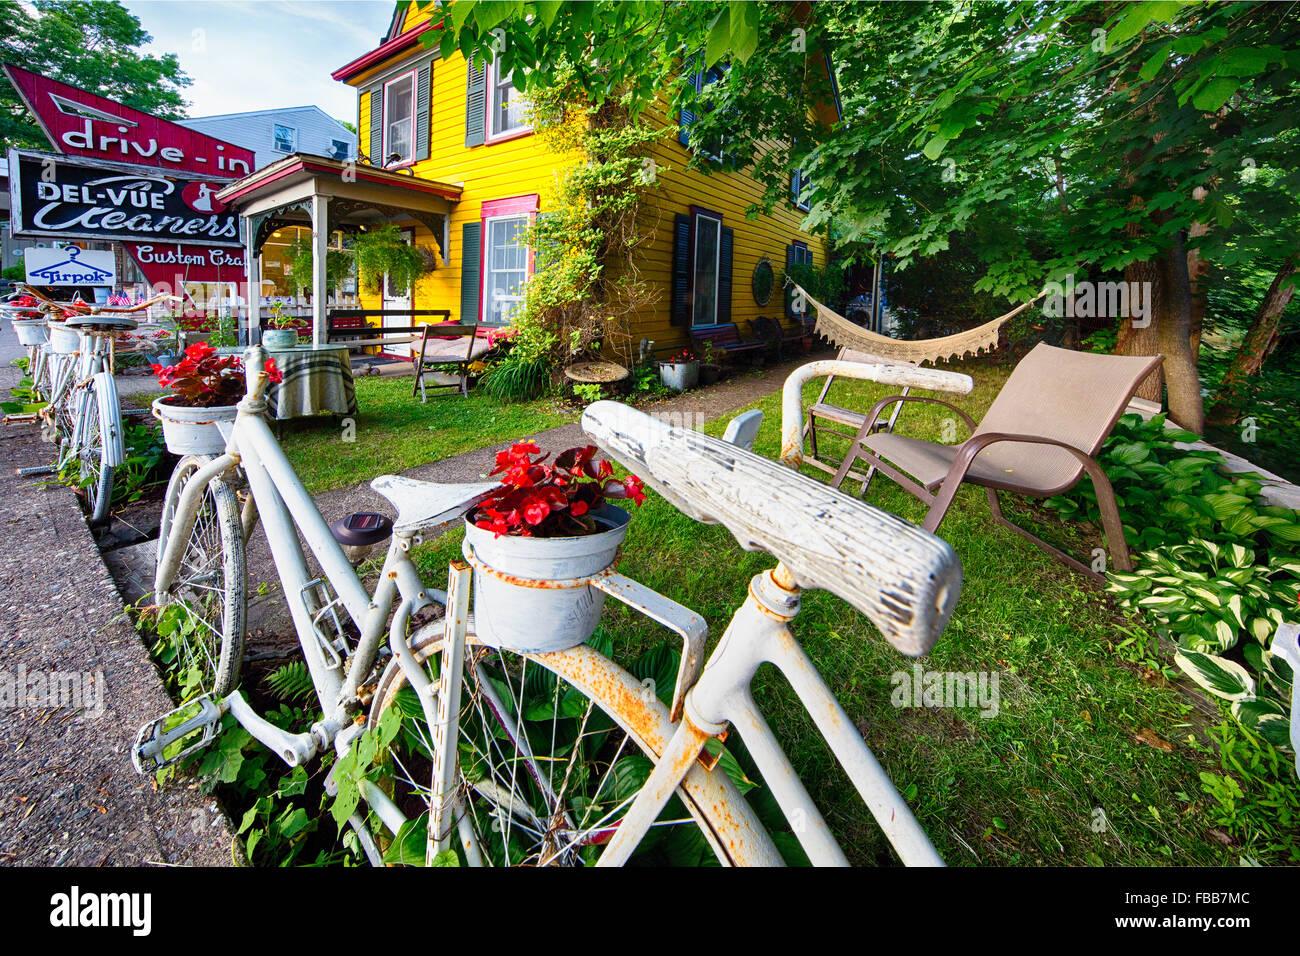 Arte en la calle de bicicletas convierten a la valla de una casa pintada de color amarillo vivo con antiguos signos, Imagen De Stock